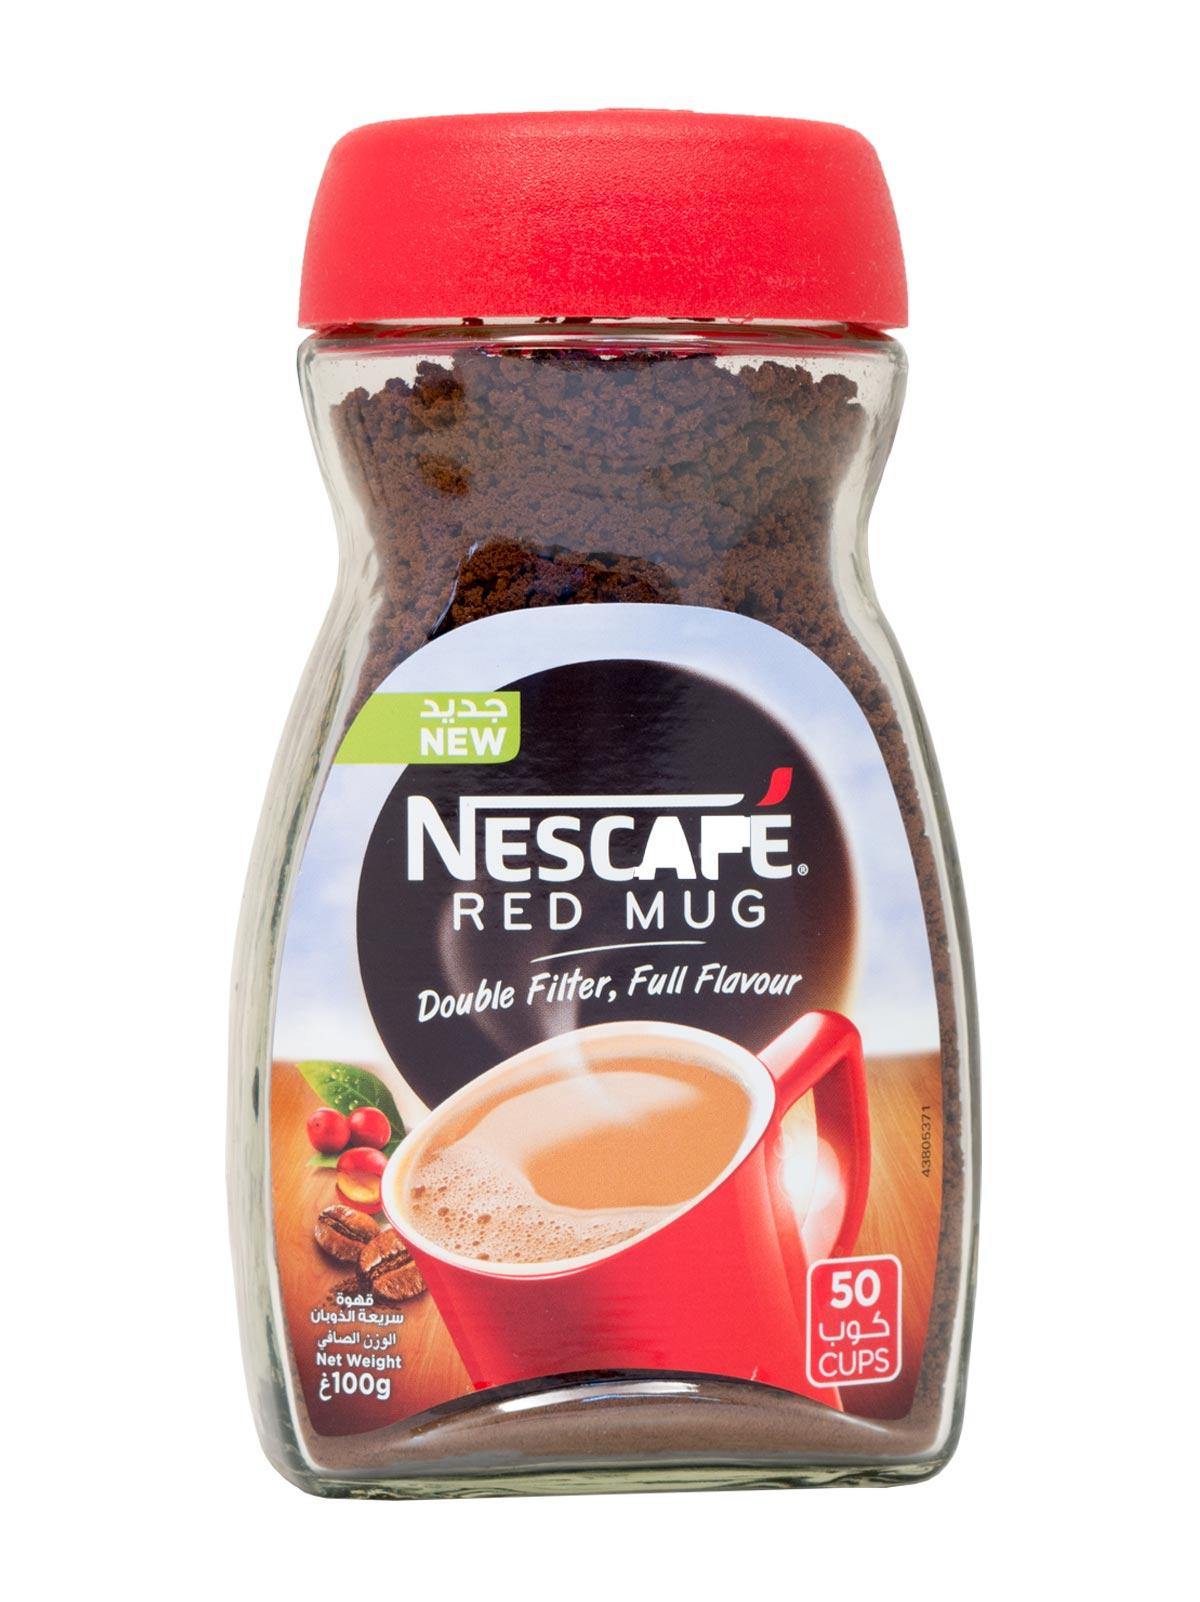 نسکافه رد ماگ نستله قهوه فوری 100 گرم